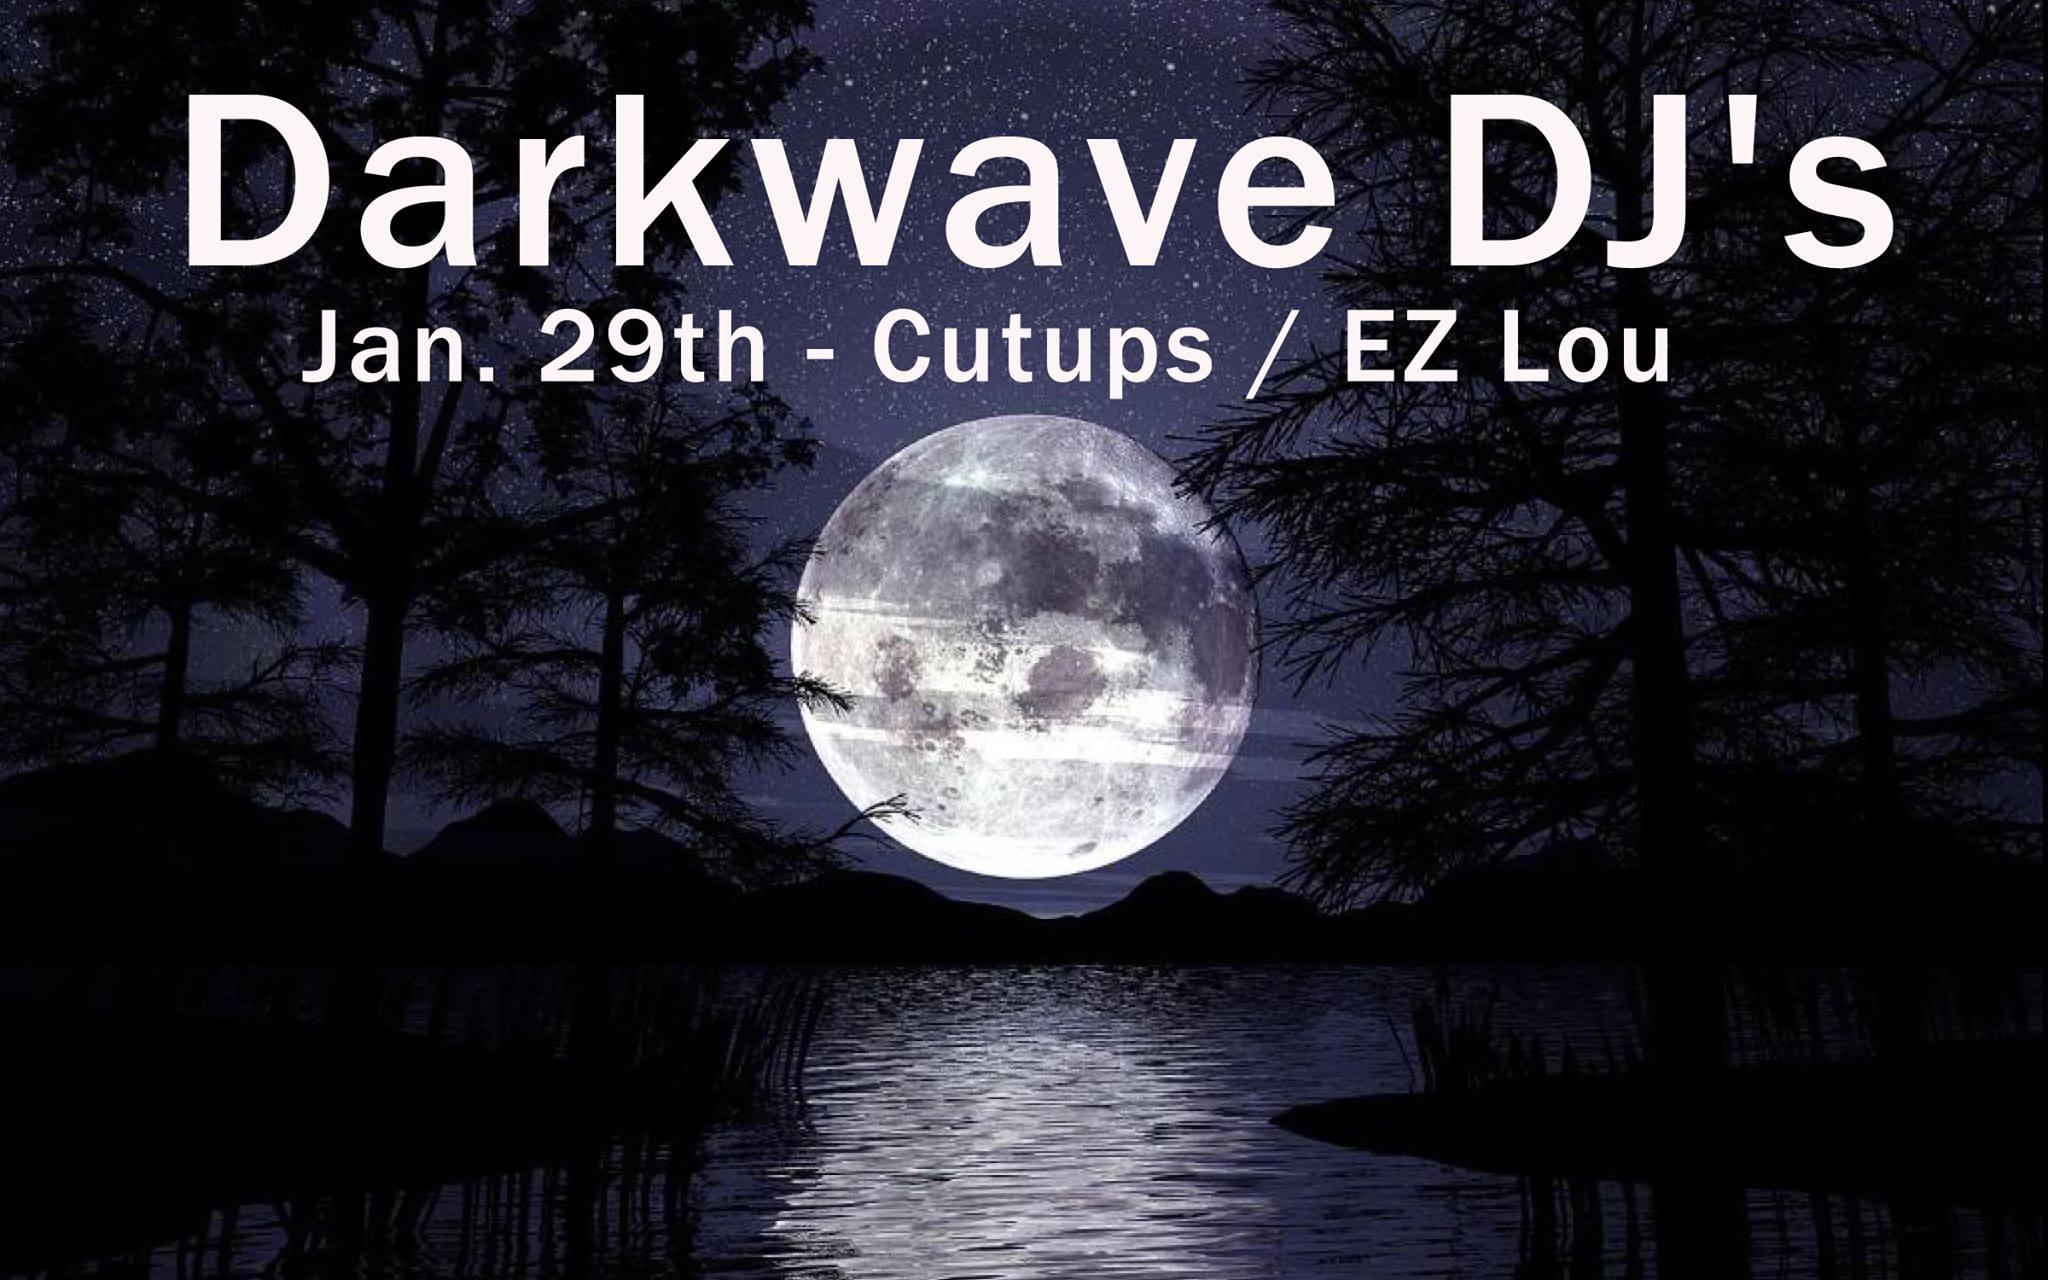 Thu Jan 29th DARKWAVE night at Gus's